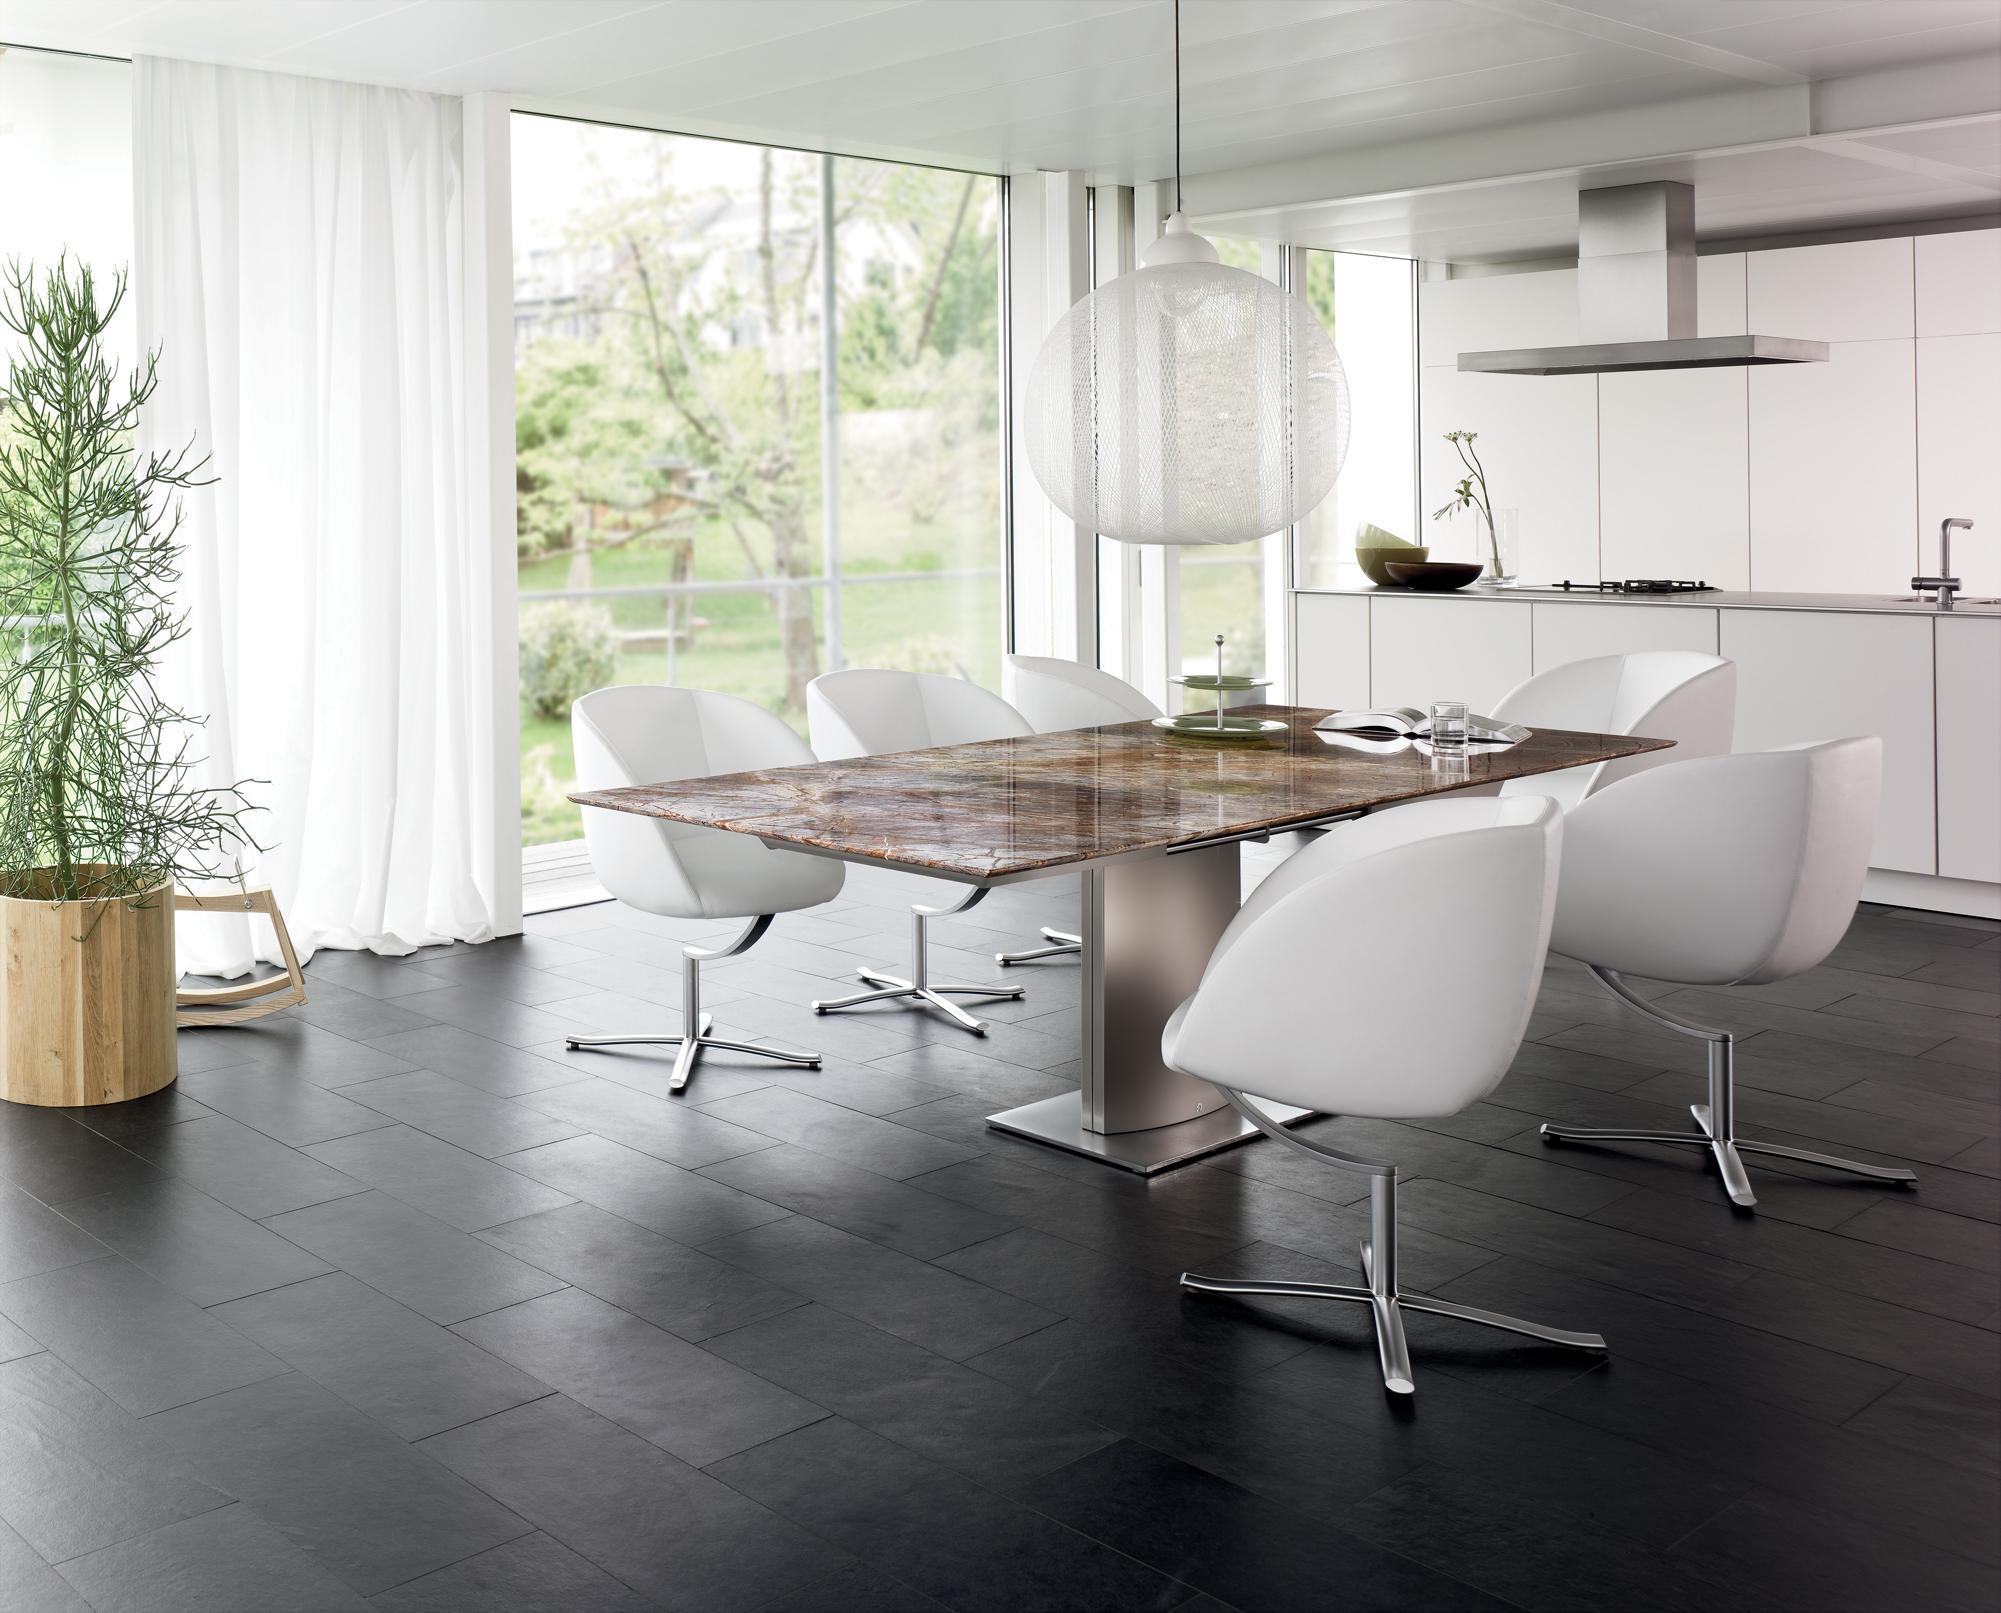 Schalenstuhl bilder ideen couchstyle for Esszimmerstuhl schale